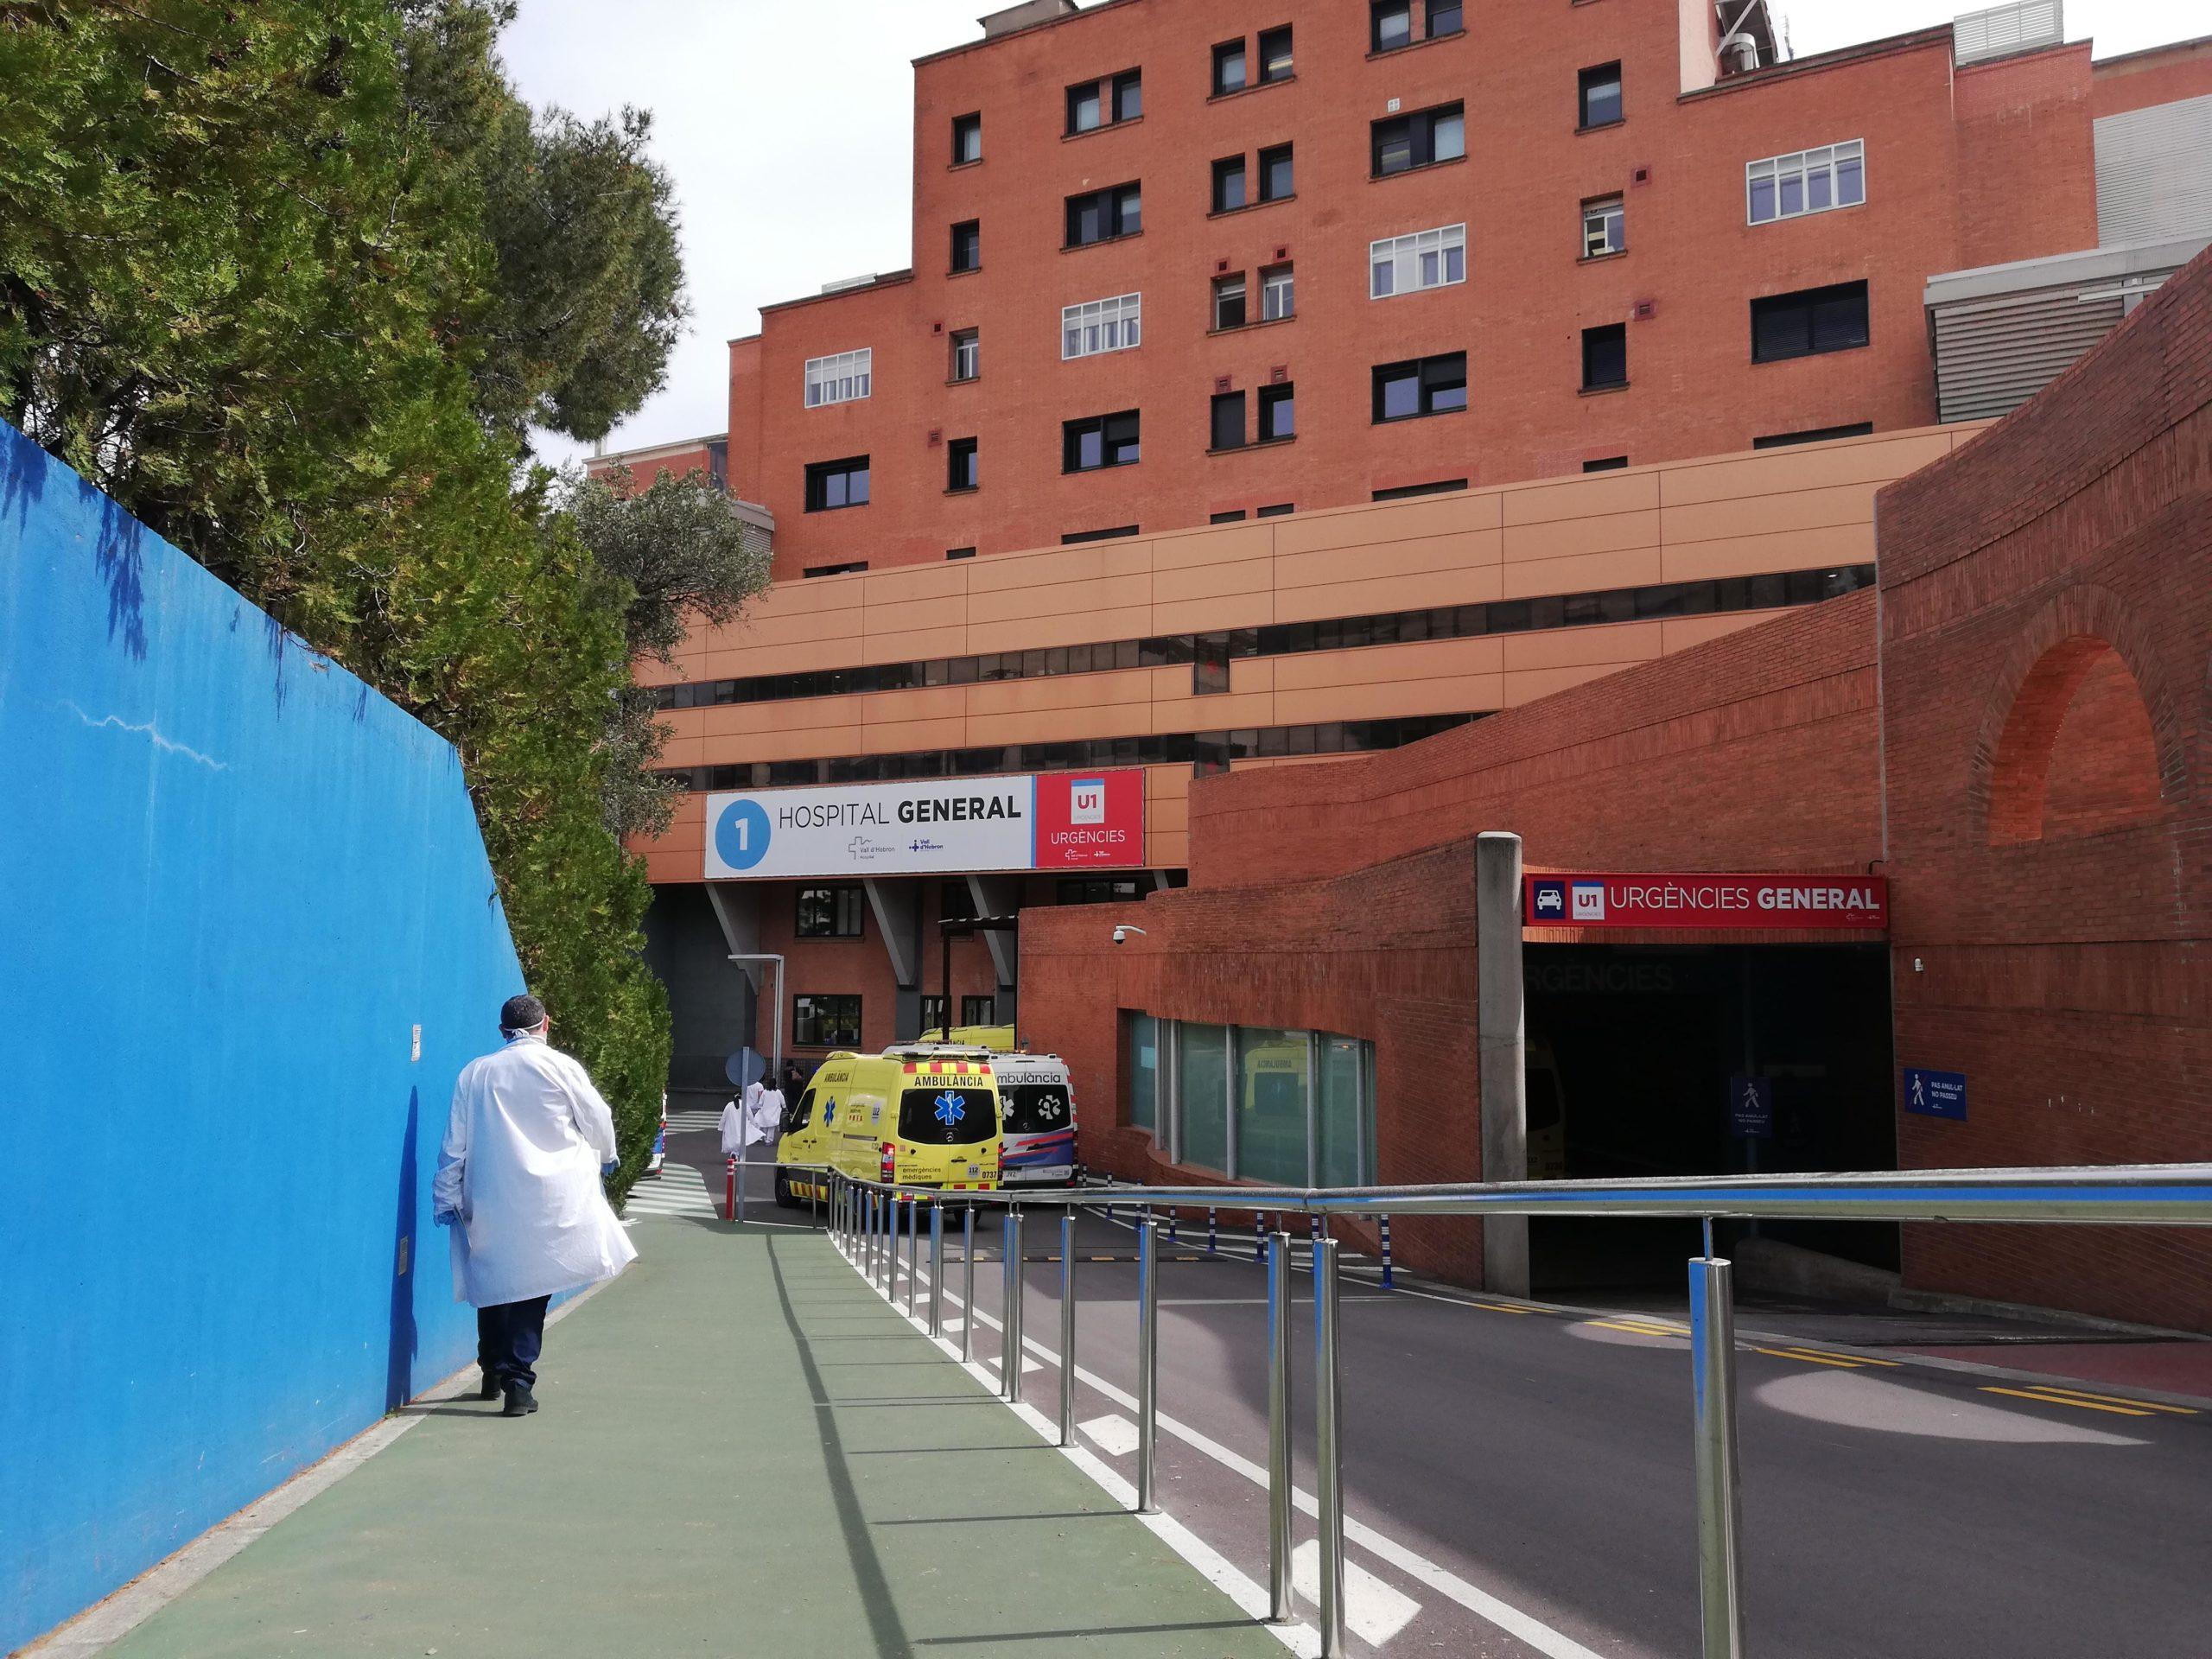 Urgències de l'hospital Vall d'Hebron, on estan ingressats els casos de coronavirus / A. L.